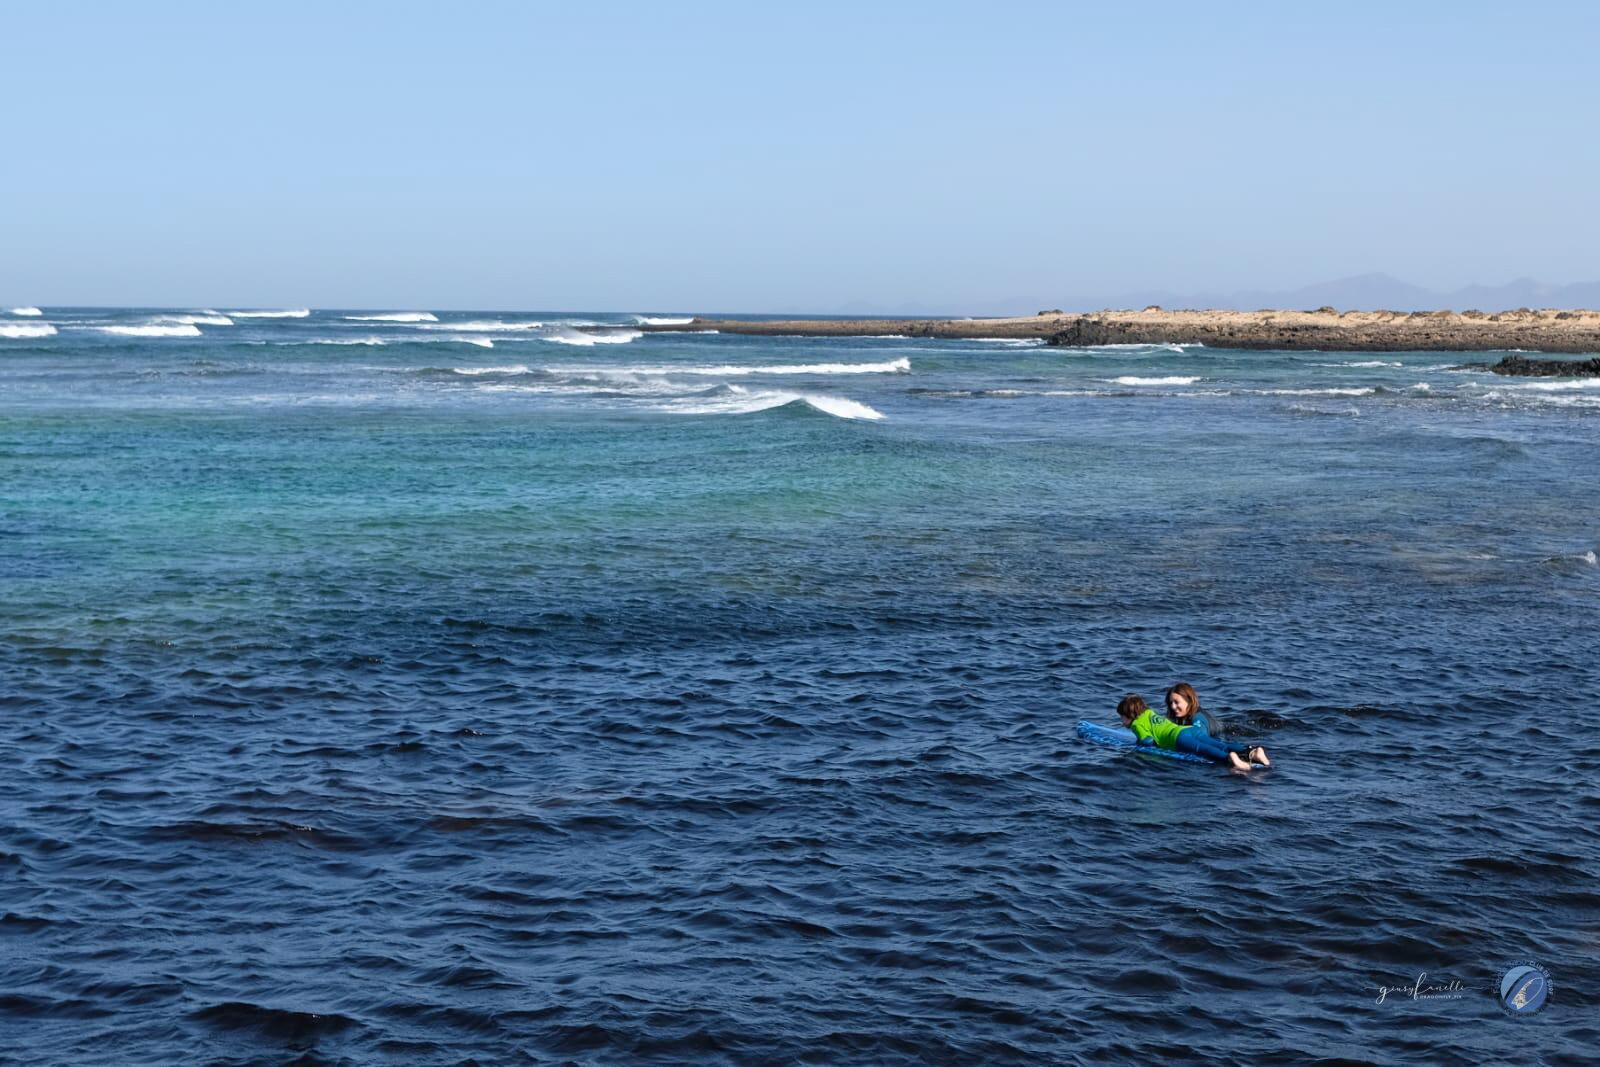 FuerteTribu_surfcamp_navidad_surfkids_surfadaptado_surfskate-2.jpg